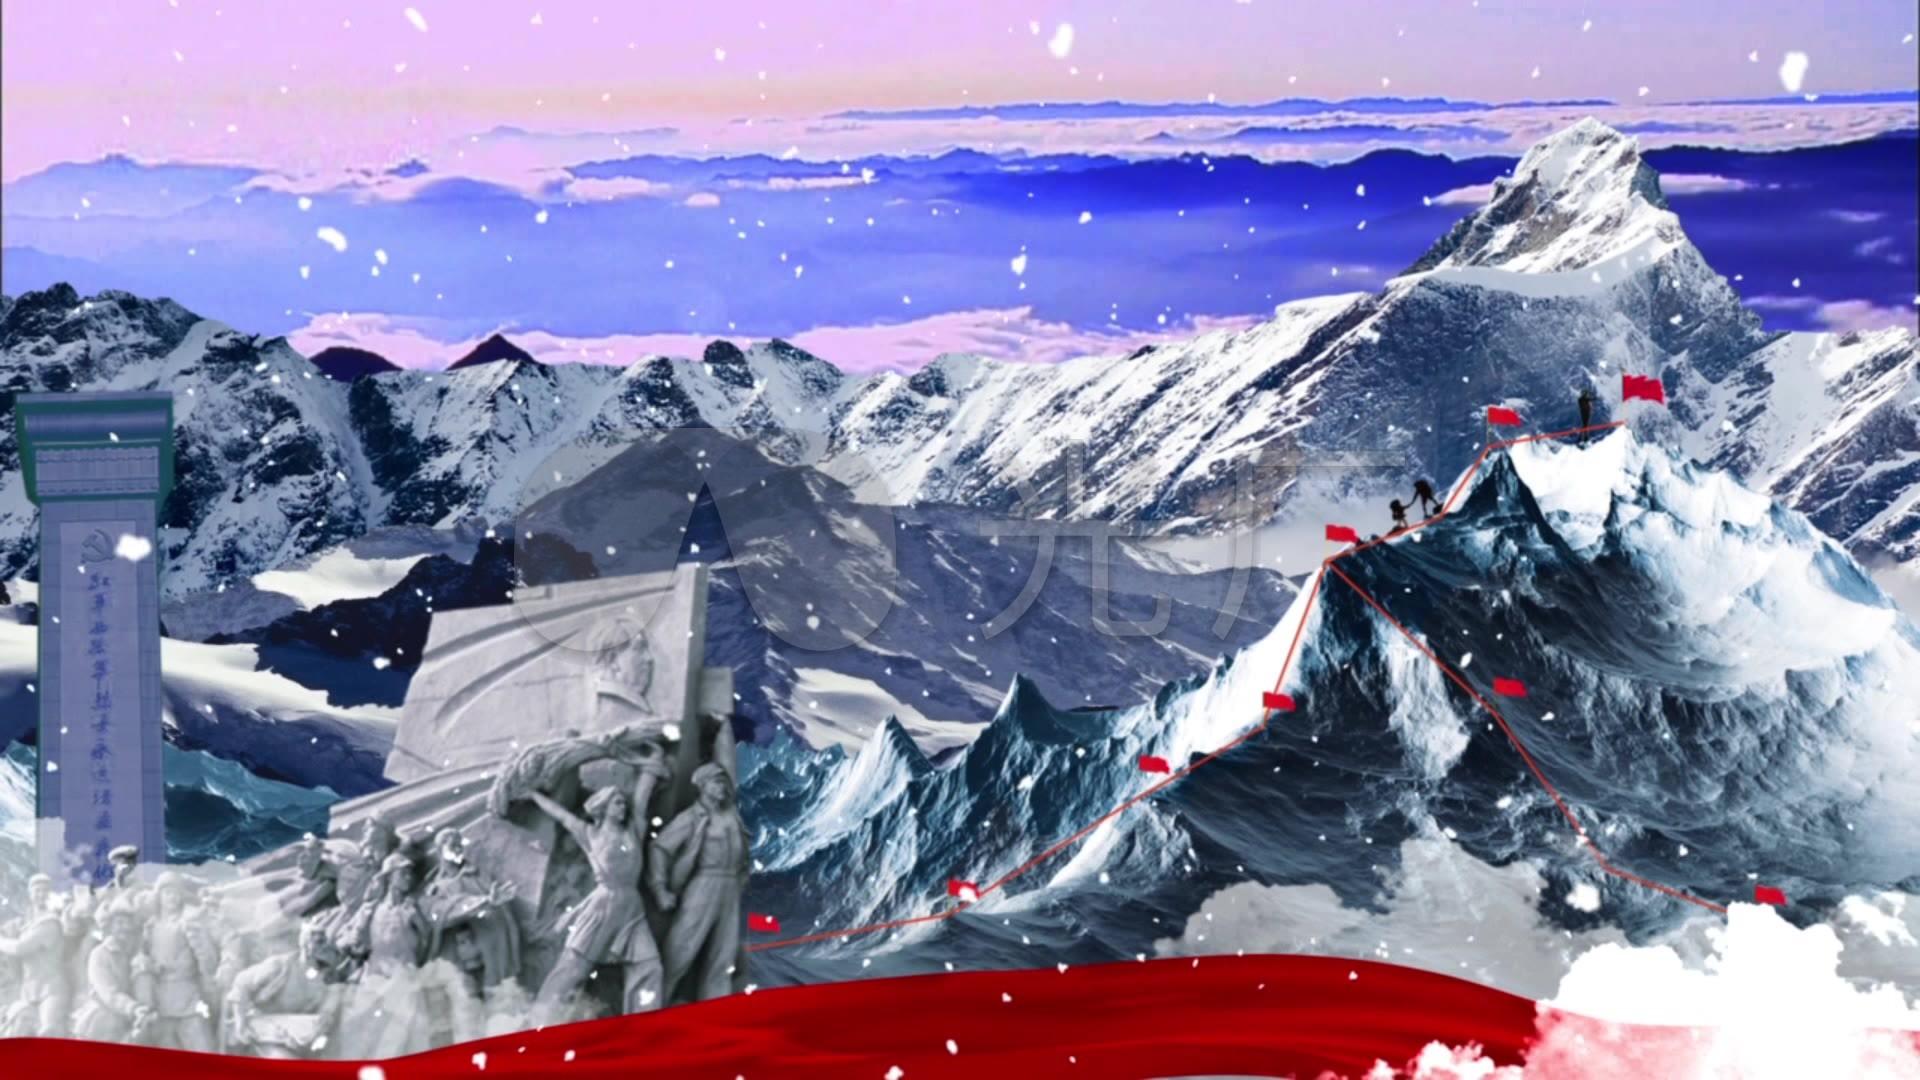 背景过雪山高清长征最新_1920X1080_红军视视频片图片